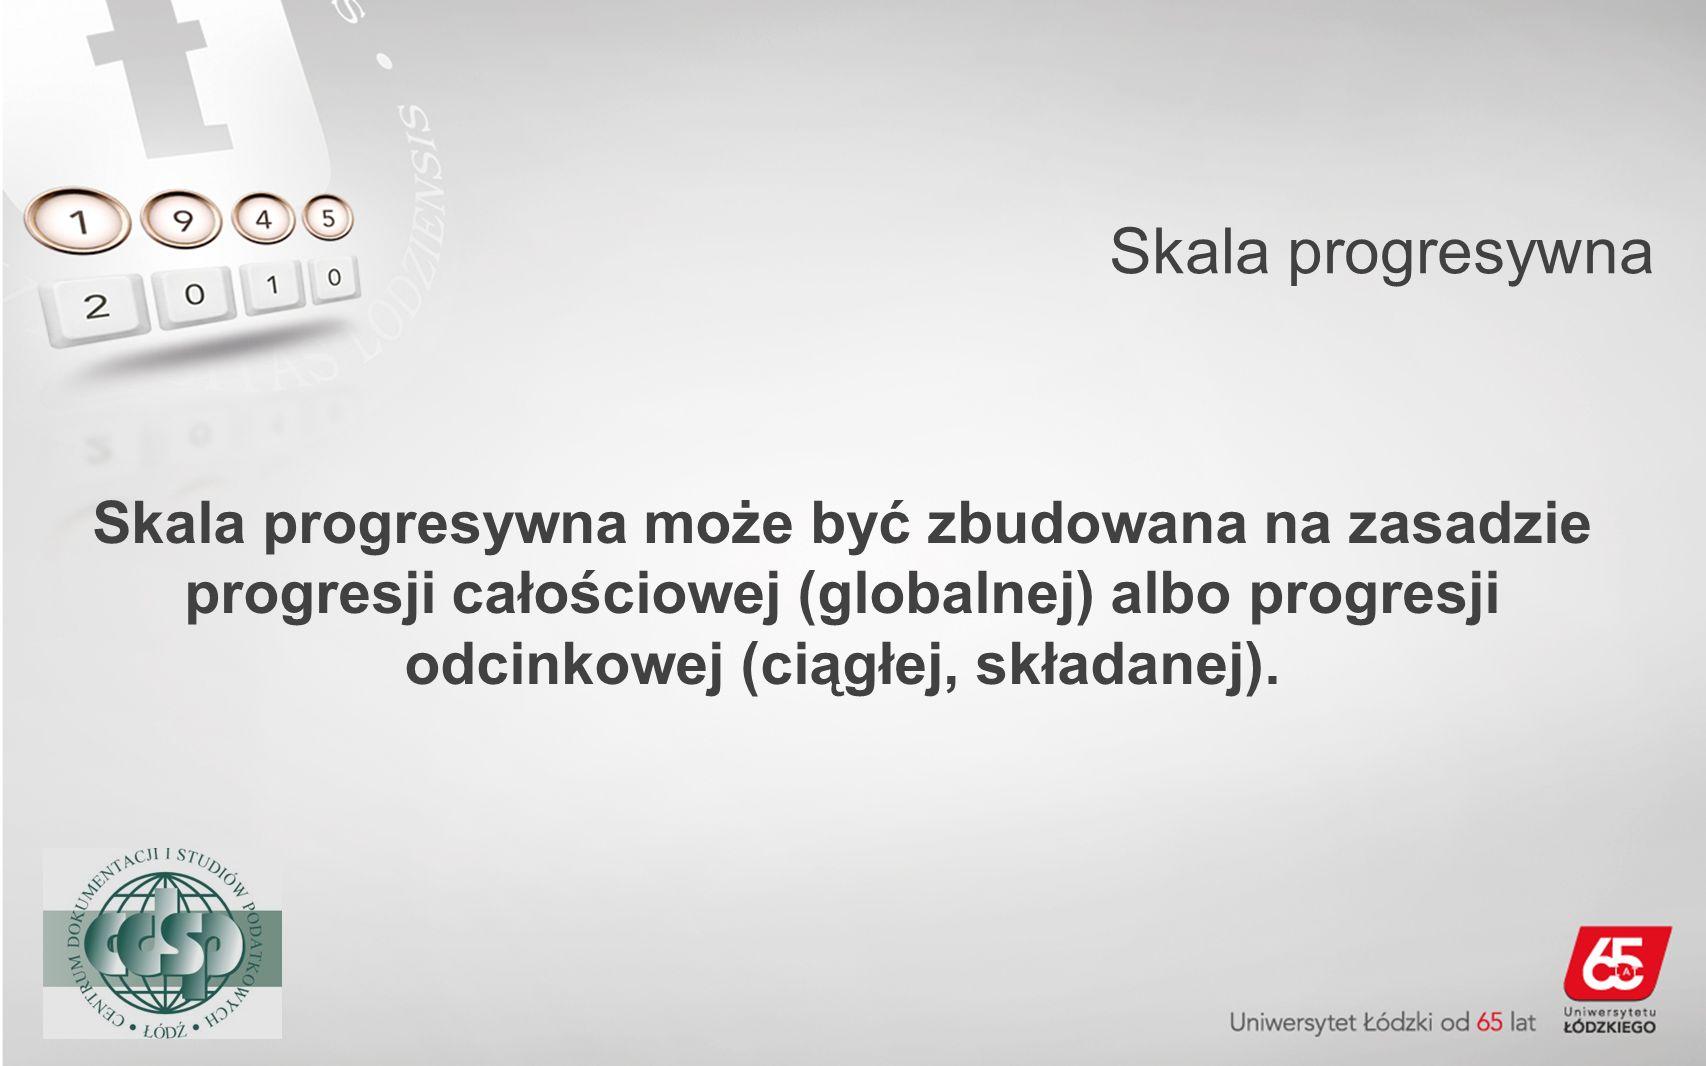 Skala progresywna Skala progresywna może być zbudowana na zasadzie progresji całościowej (globalnej) albo progresji odcinkowej (ciągłej, składanej).